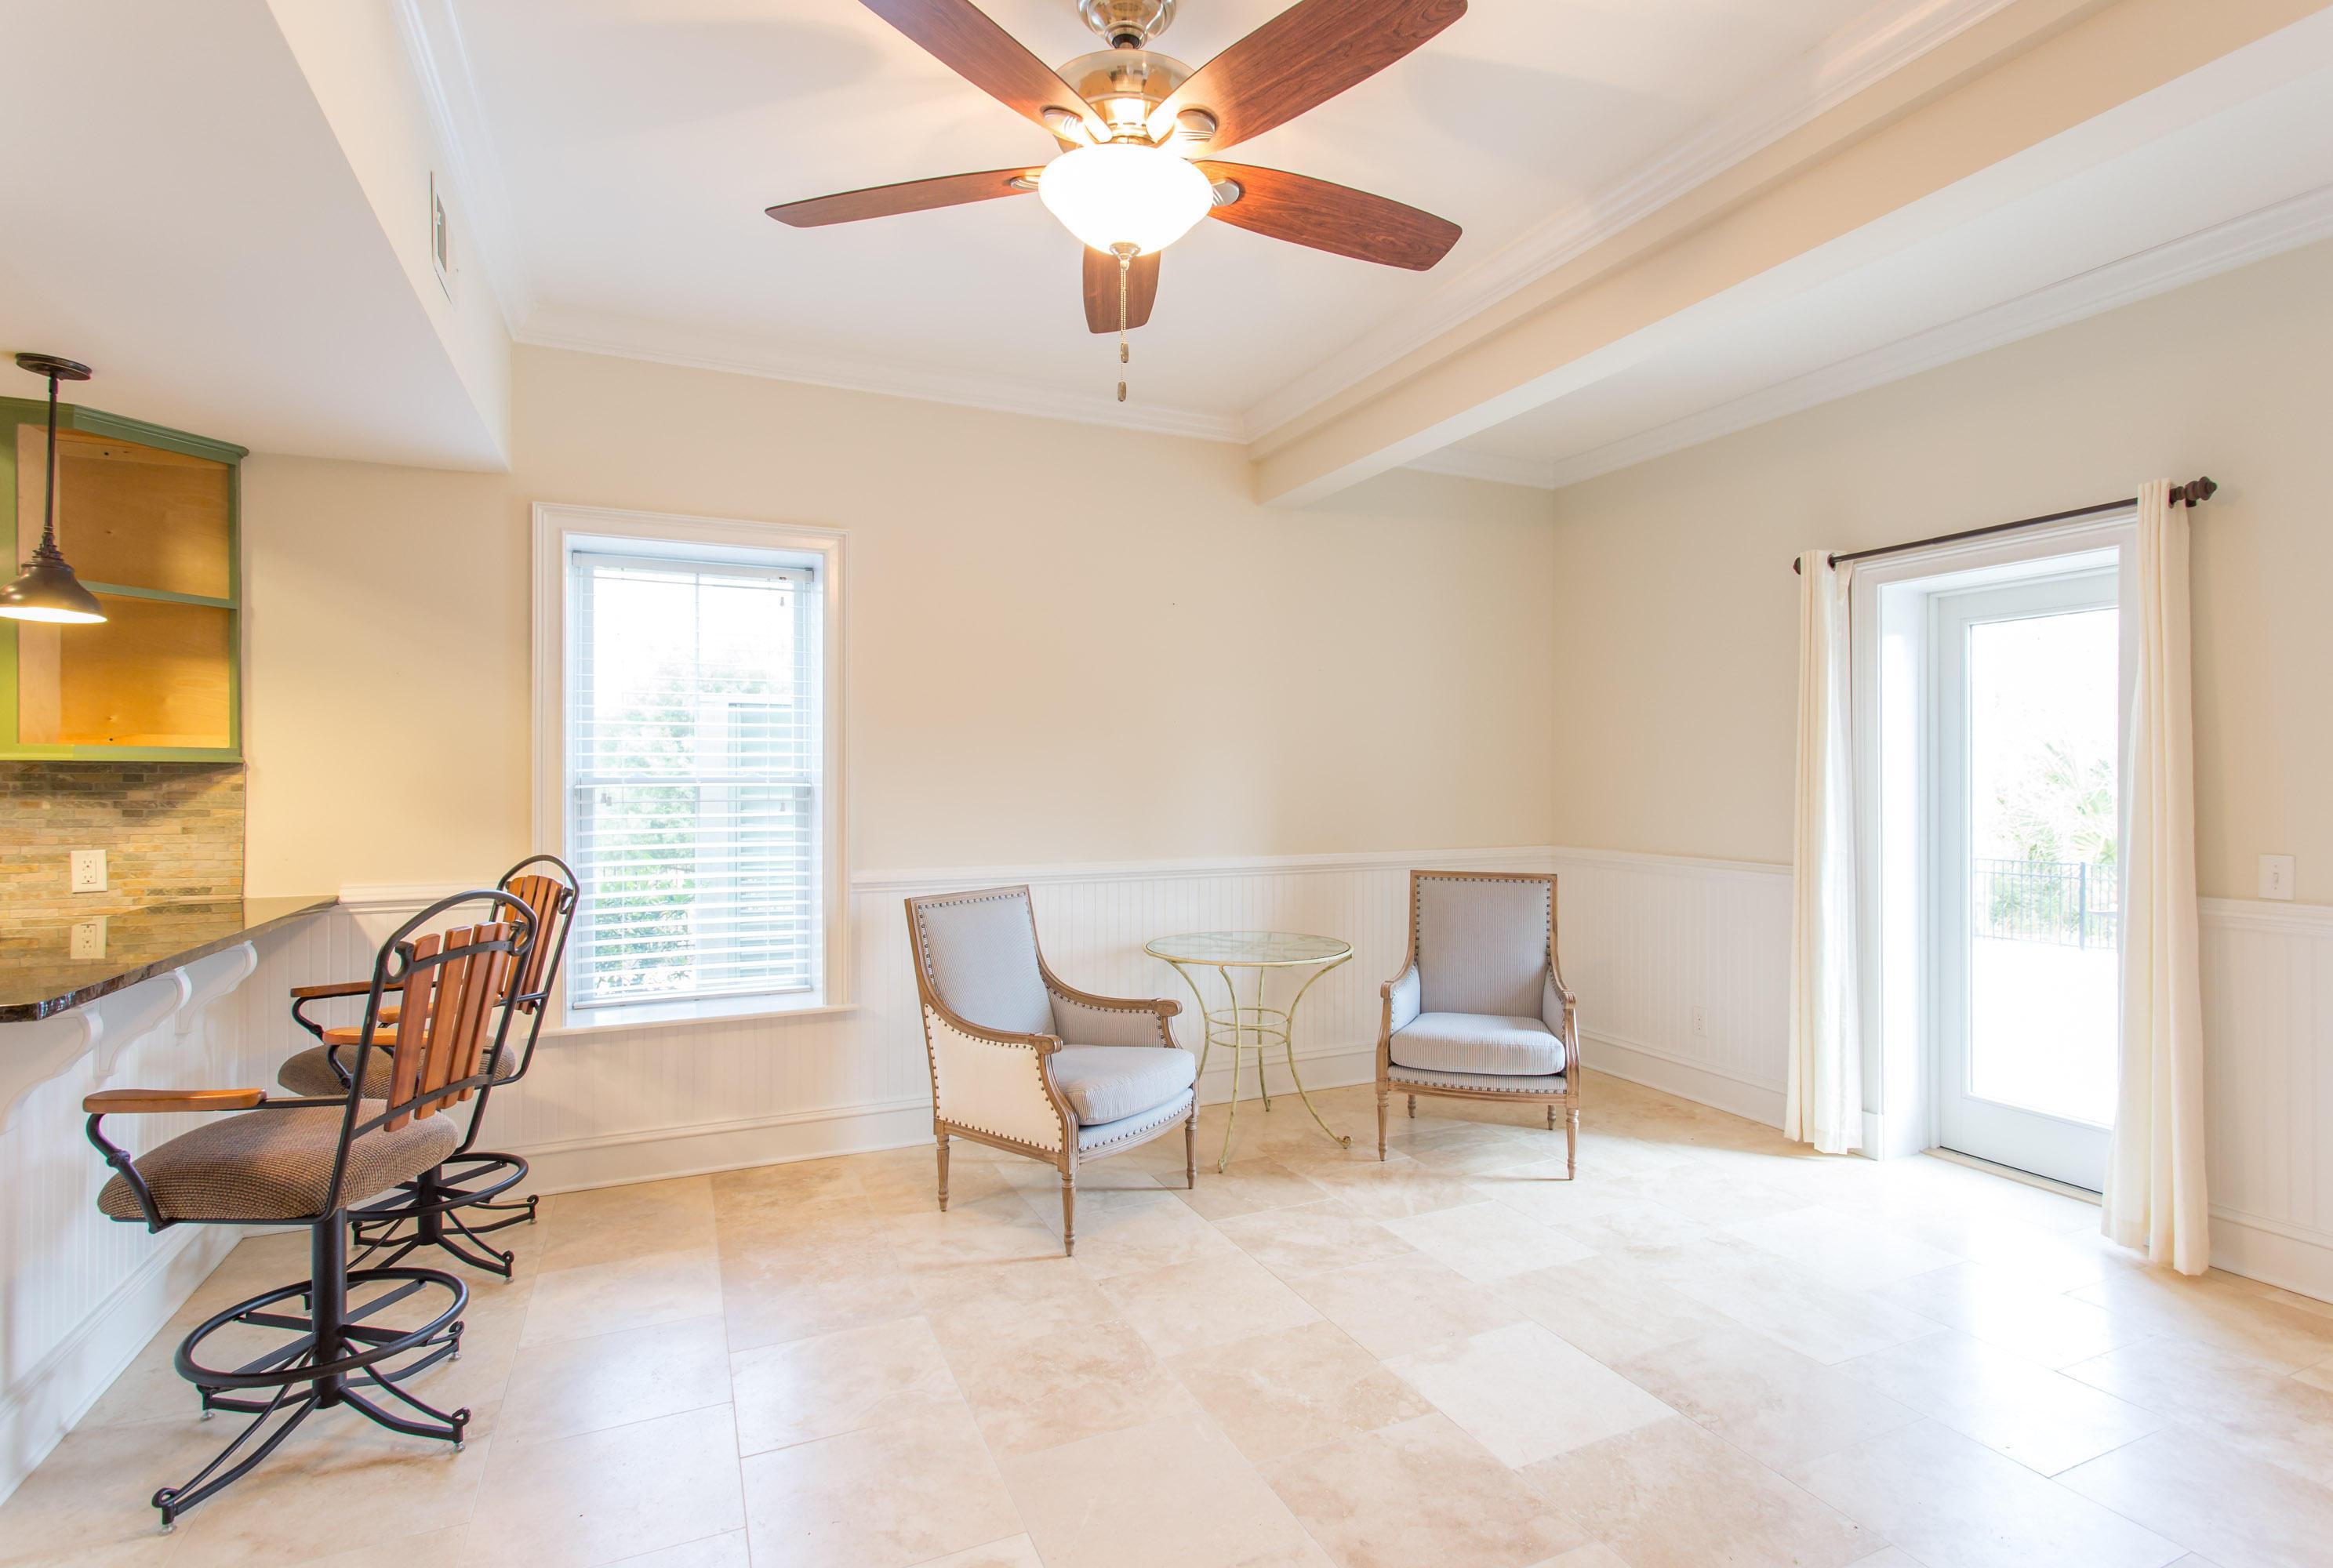 Dunes West Homes For Sale - 3044 Yachtsman, Mount Pleasant, SC - 24